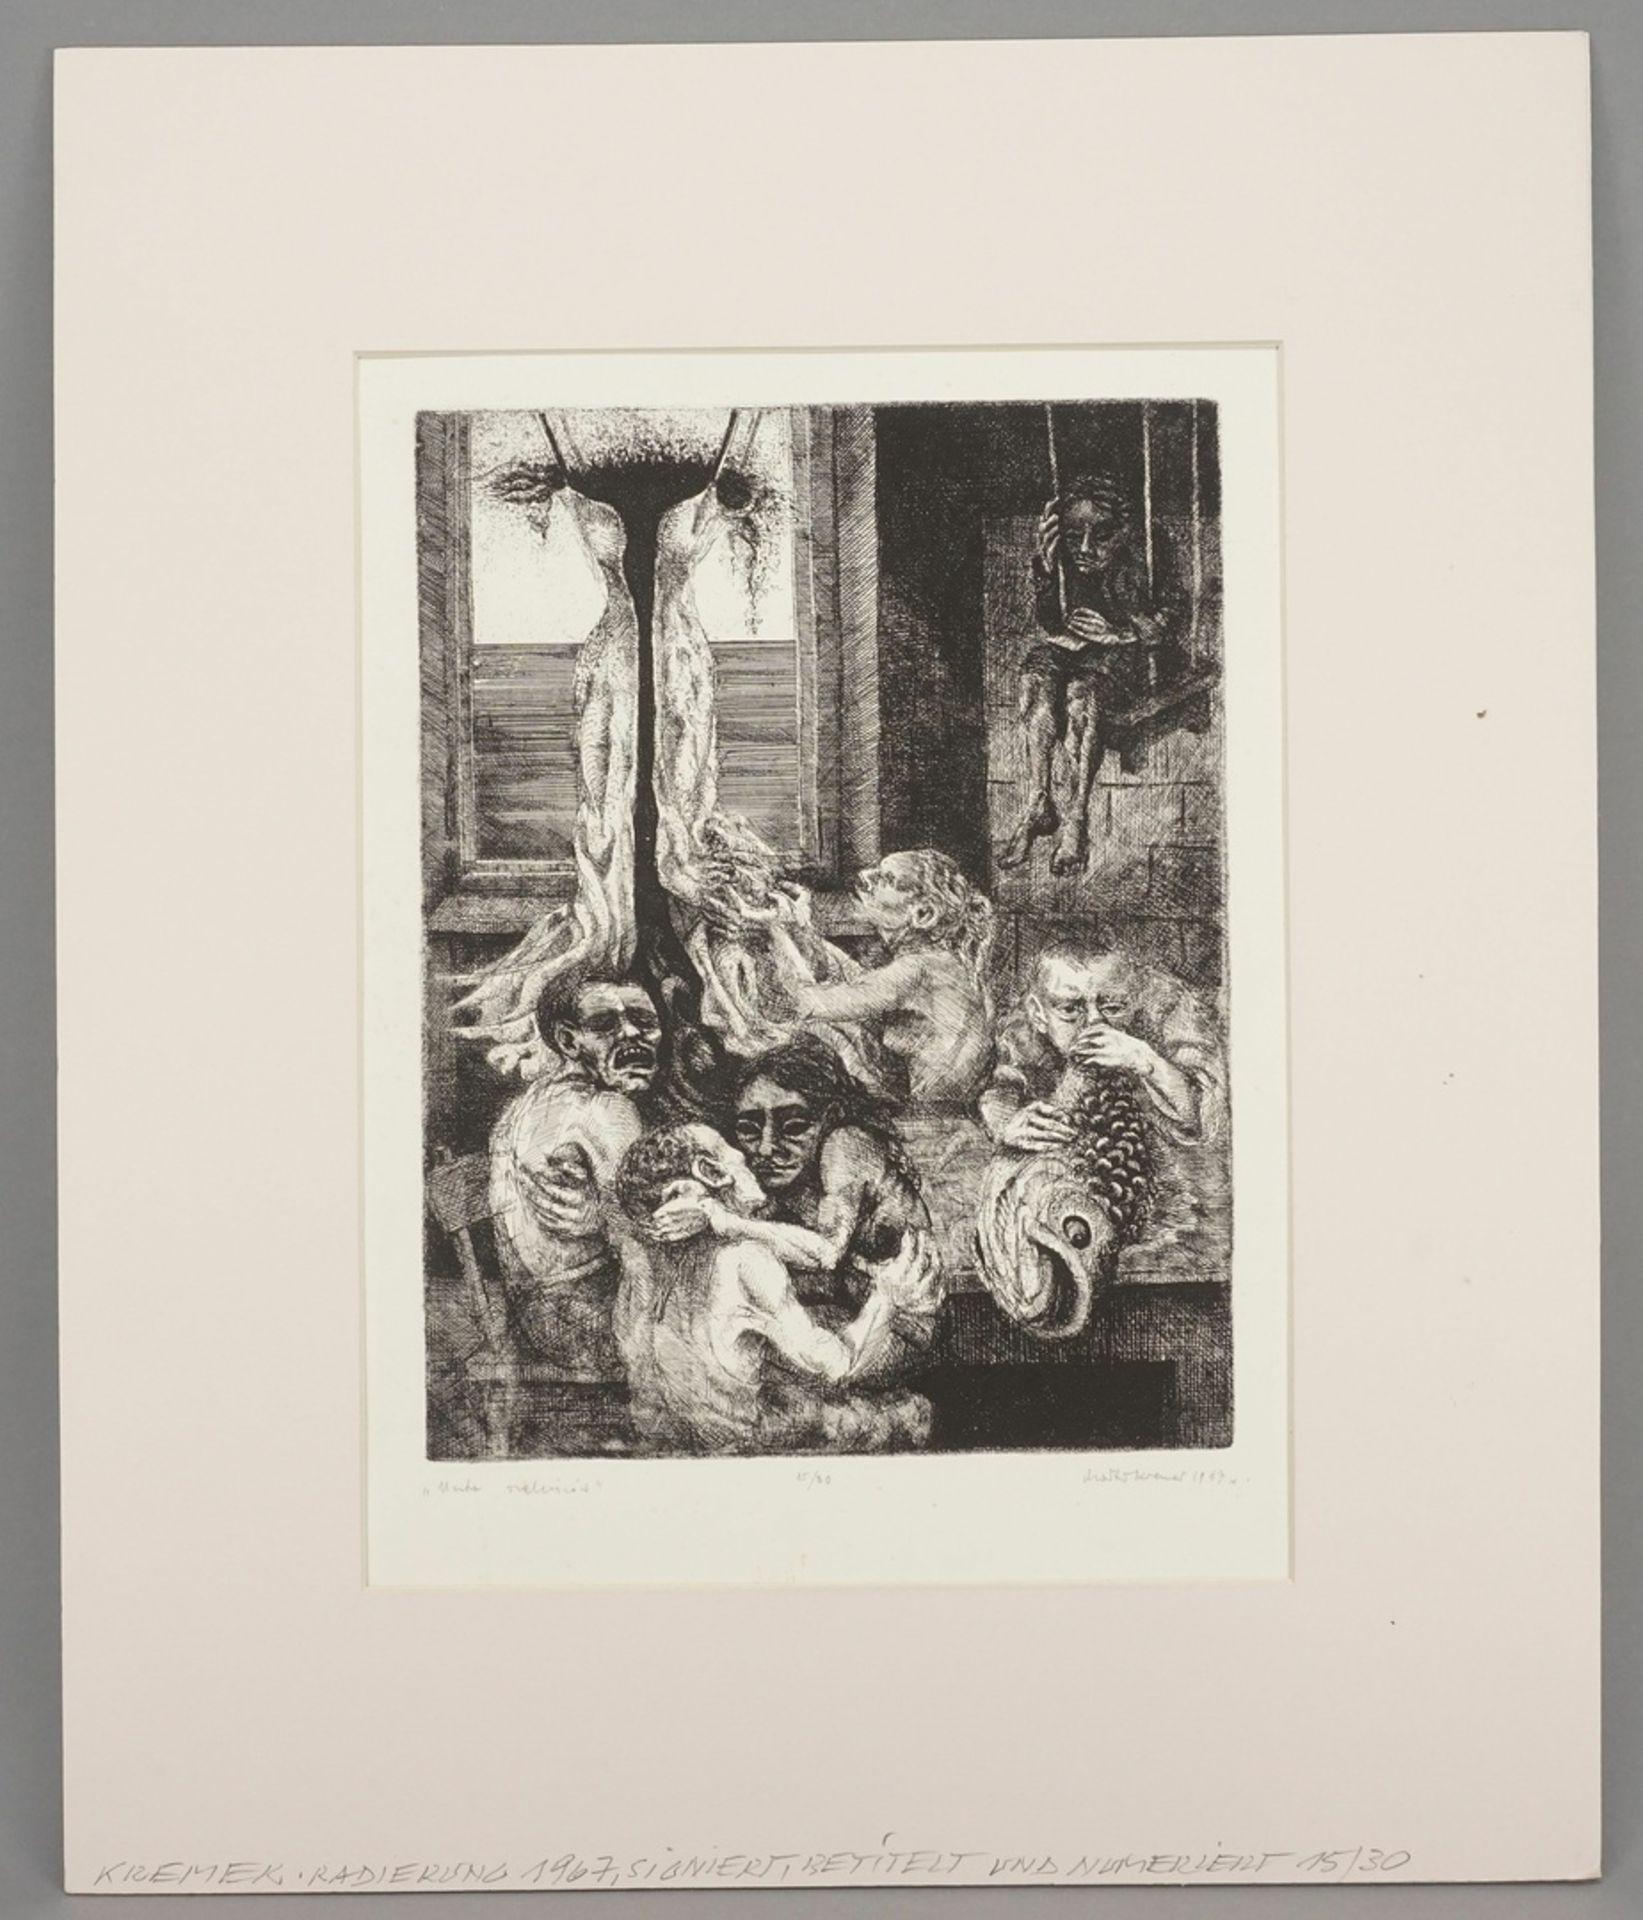 M. Kremer, Allegorie auf das Laster - Bild 2 aus 4